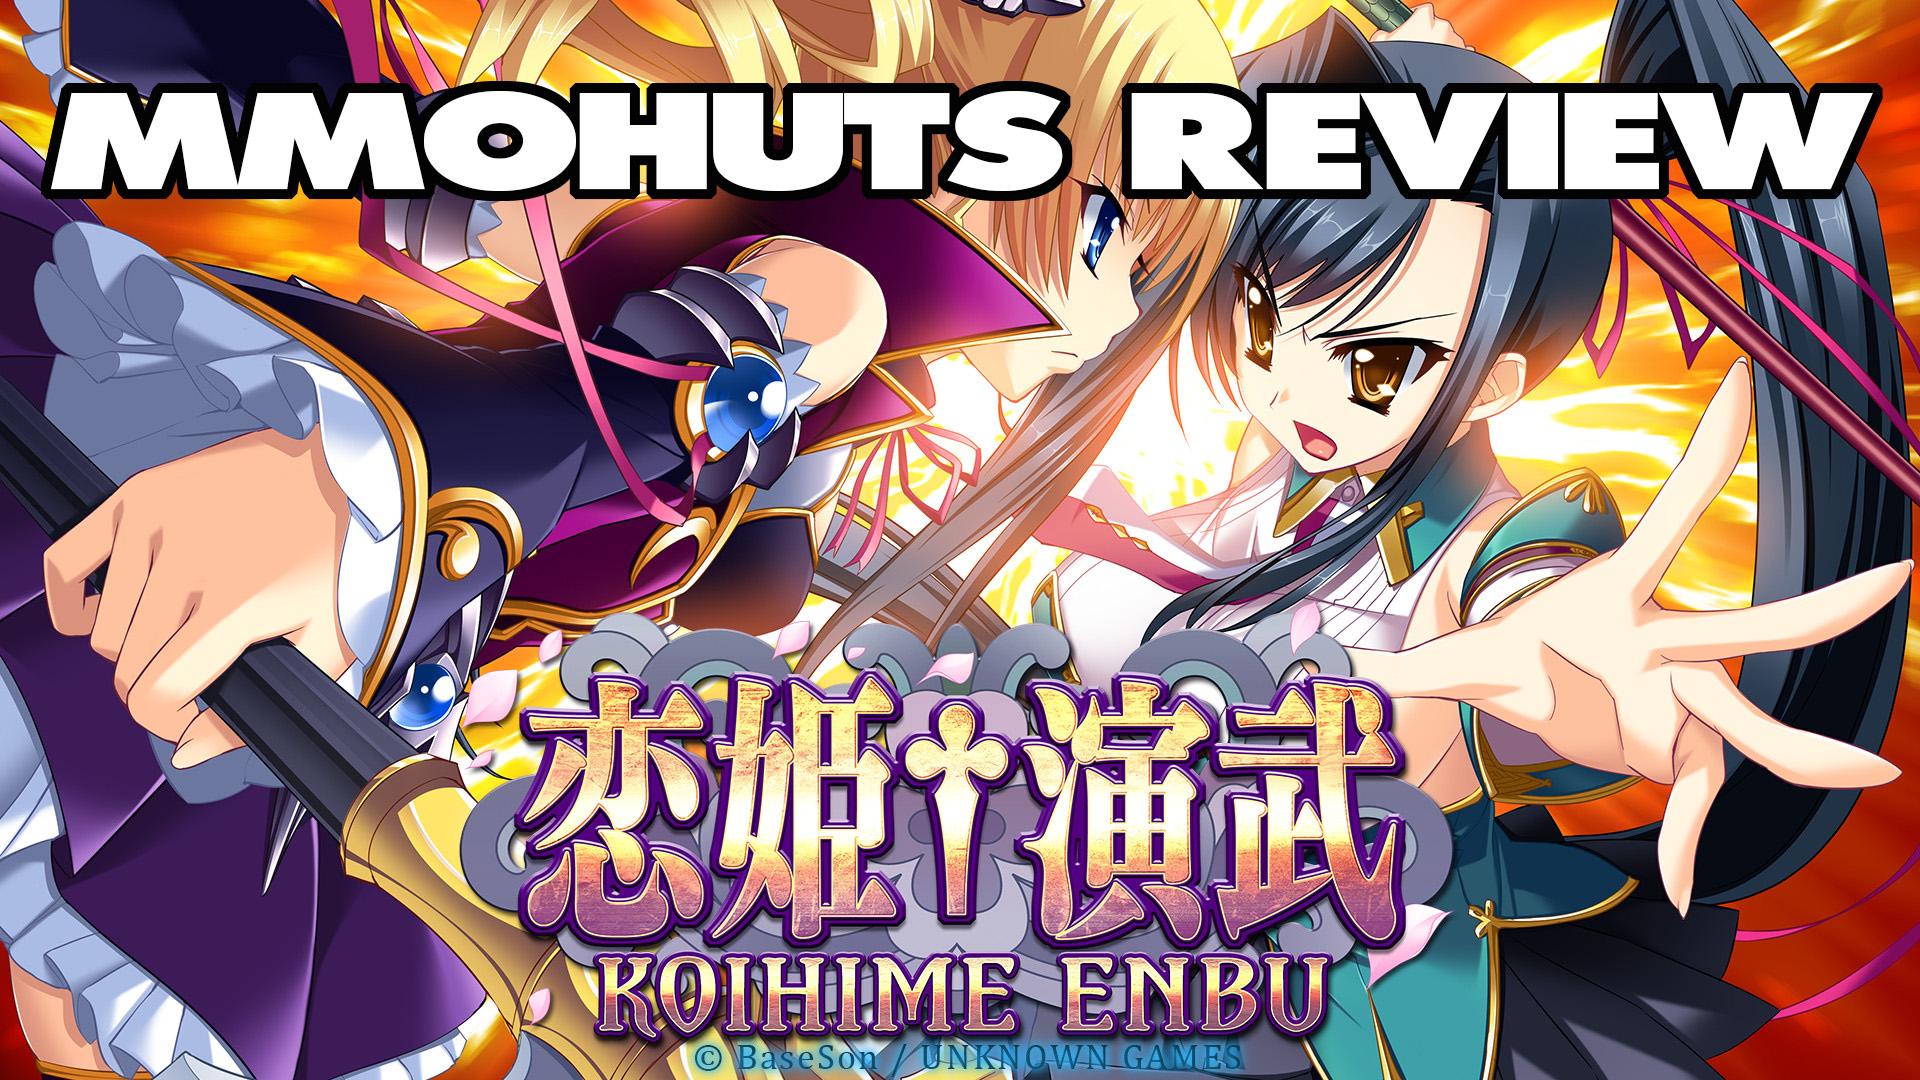 Koihime Enbu First Look